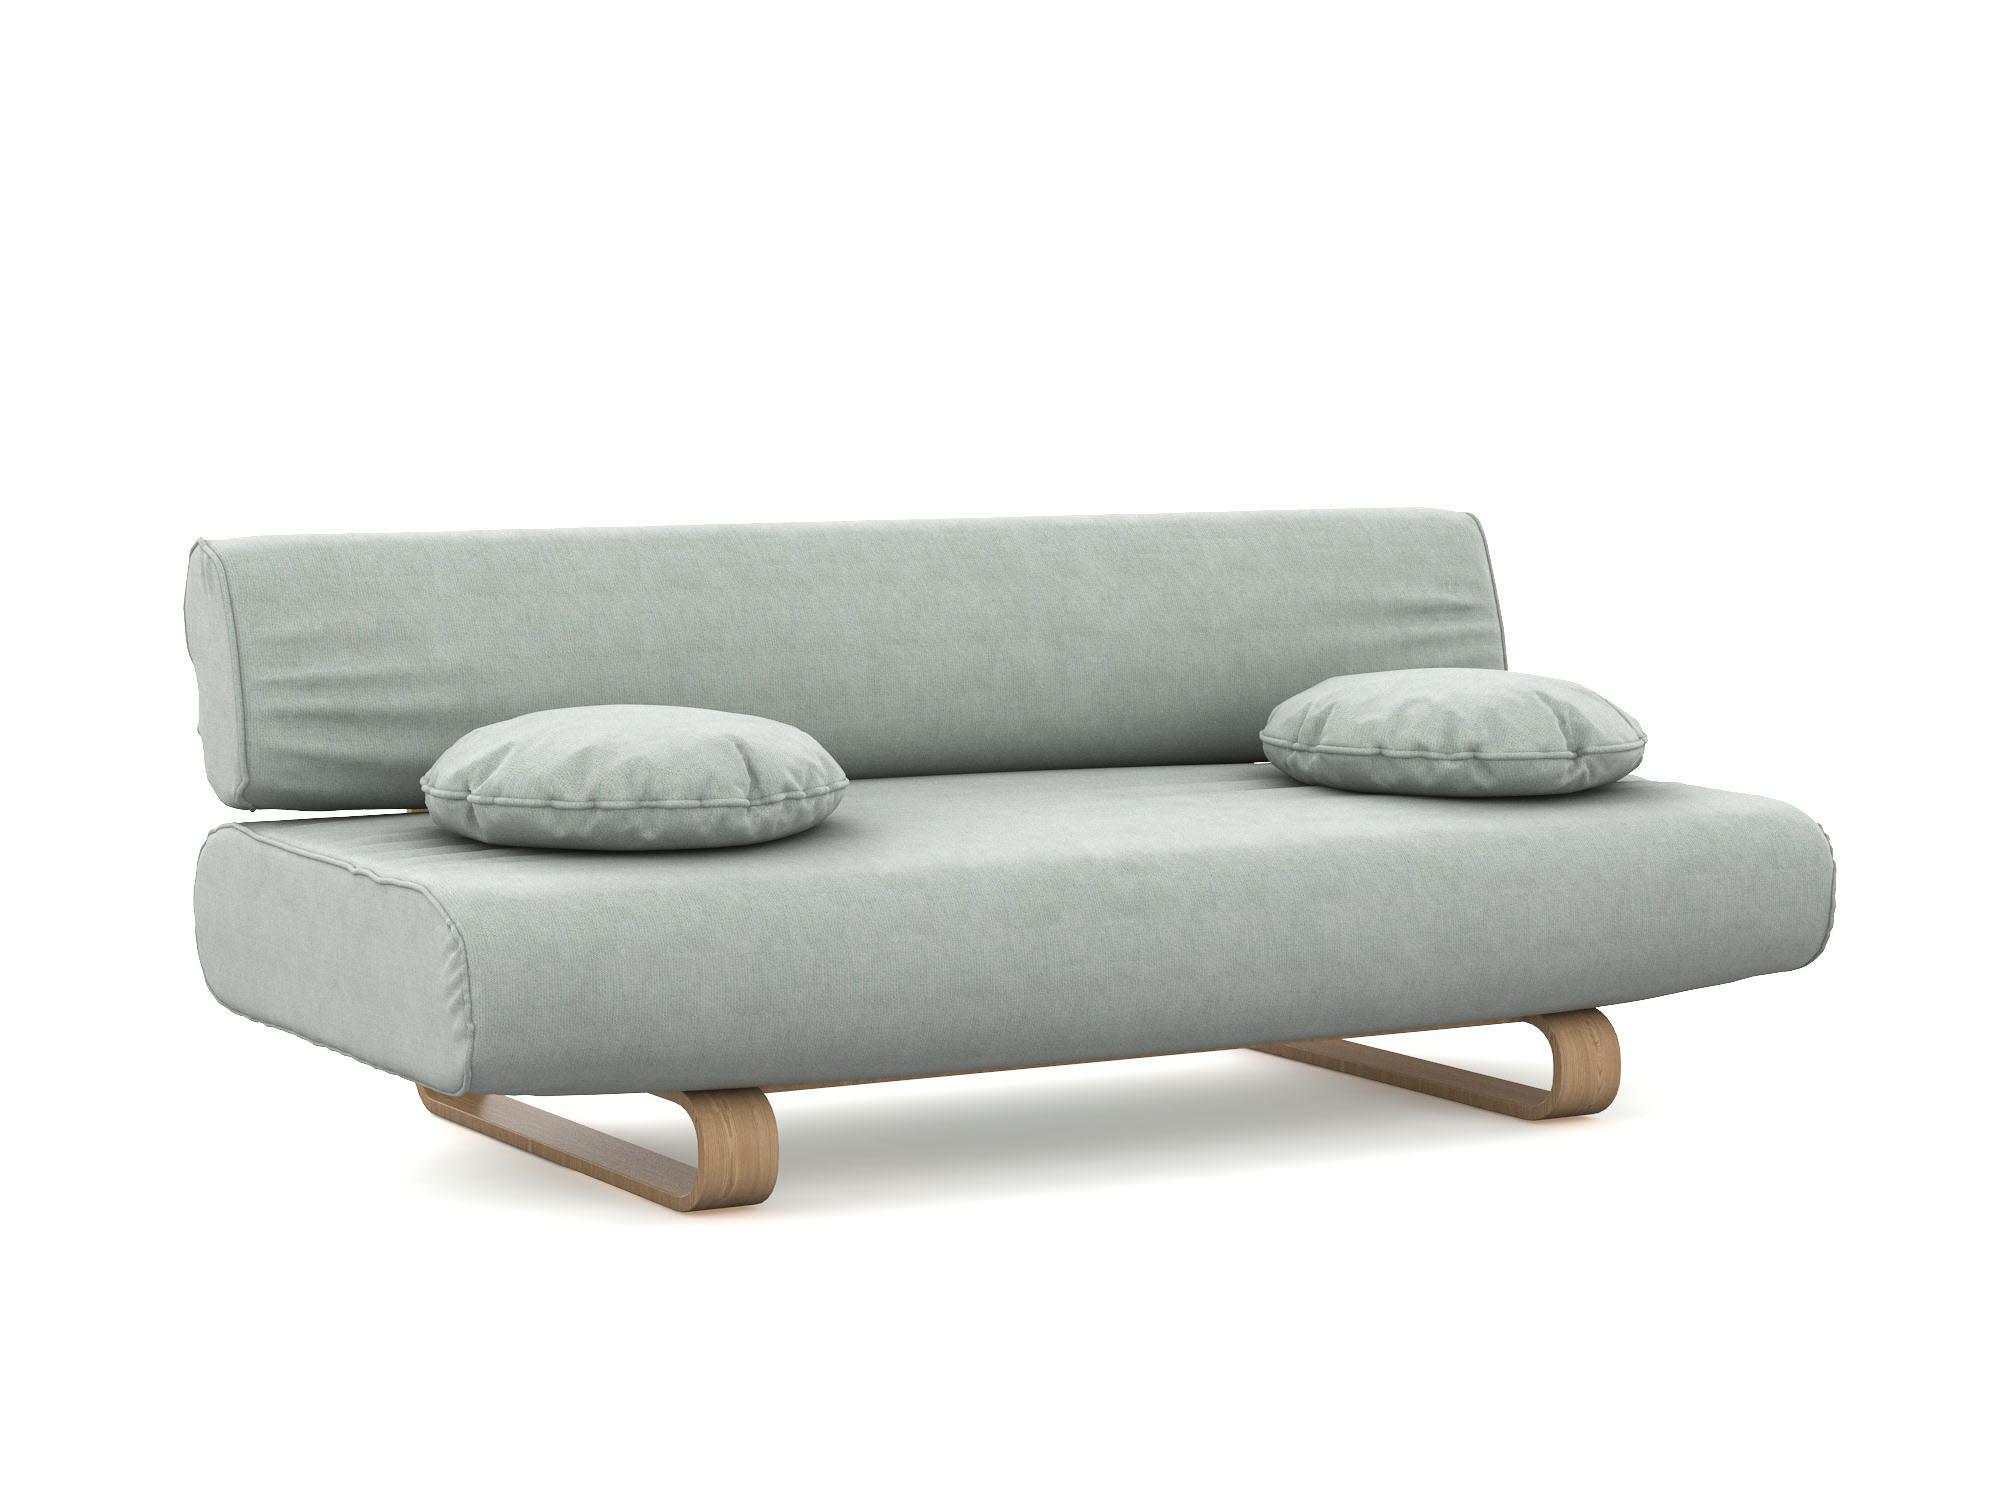 Premium Bezüge Für Ikea Allerum Sofas Und Sessel Vidiande